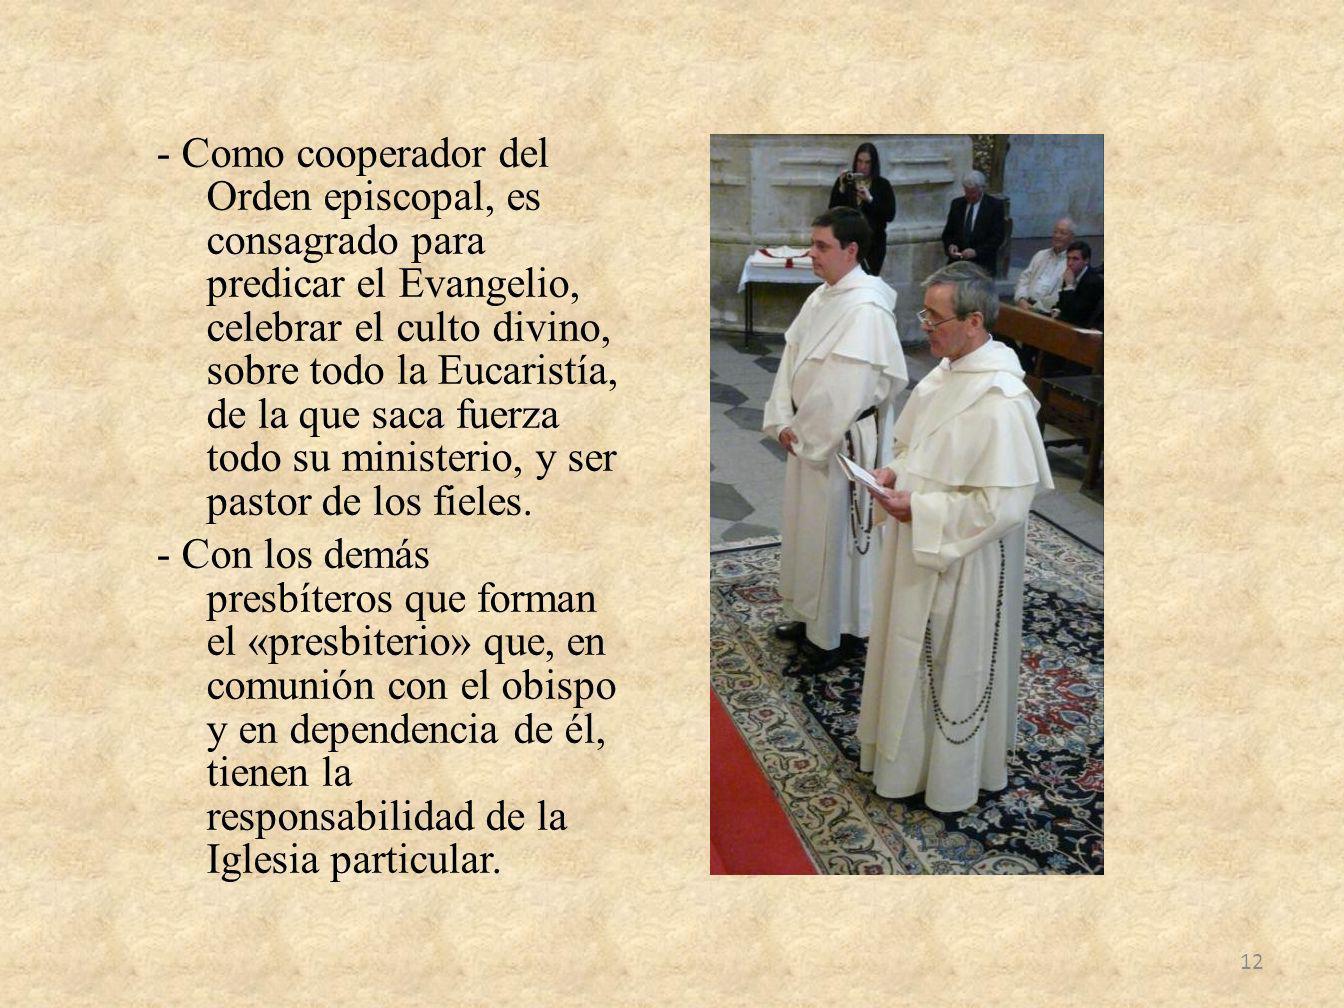 - Como cooperador del Orden episcopal, es consagrado para predicar el Evangelio, celebrar el culto divino, sobre todo la Eucaristía, de la que saca fuerza todo su ministerio, y ser pastor de los fieles.